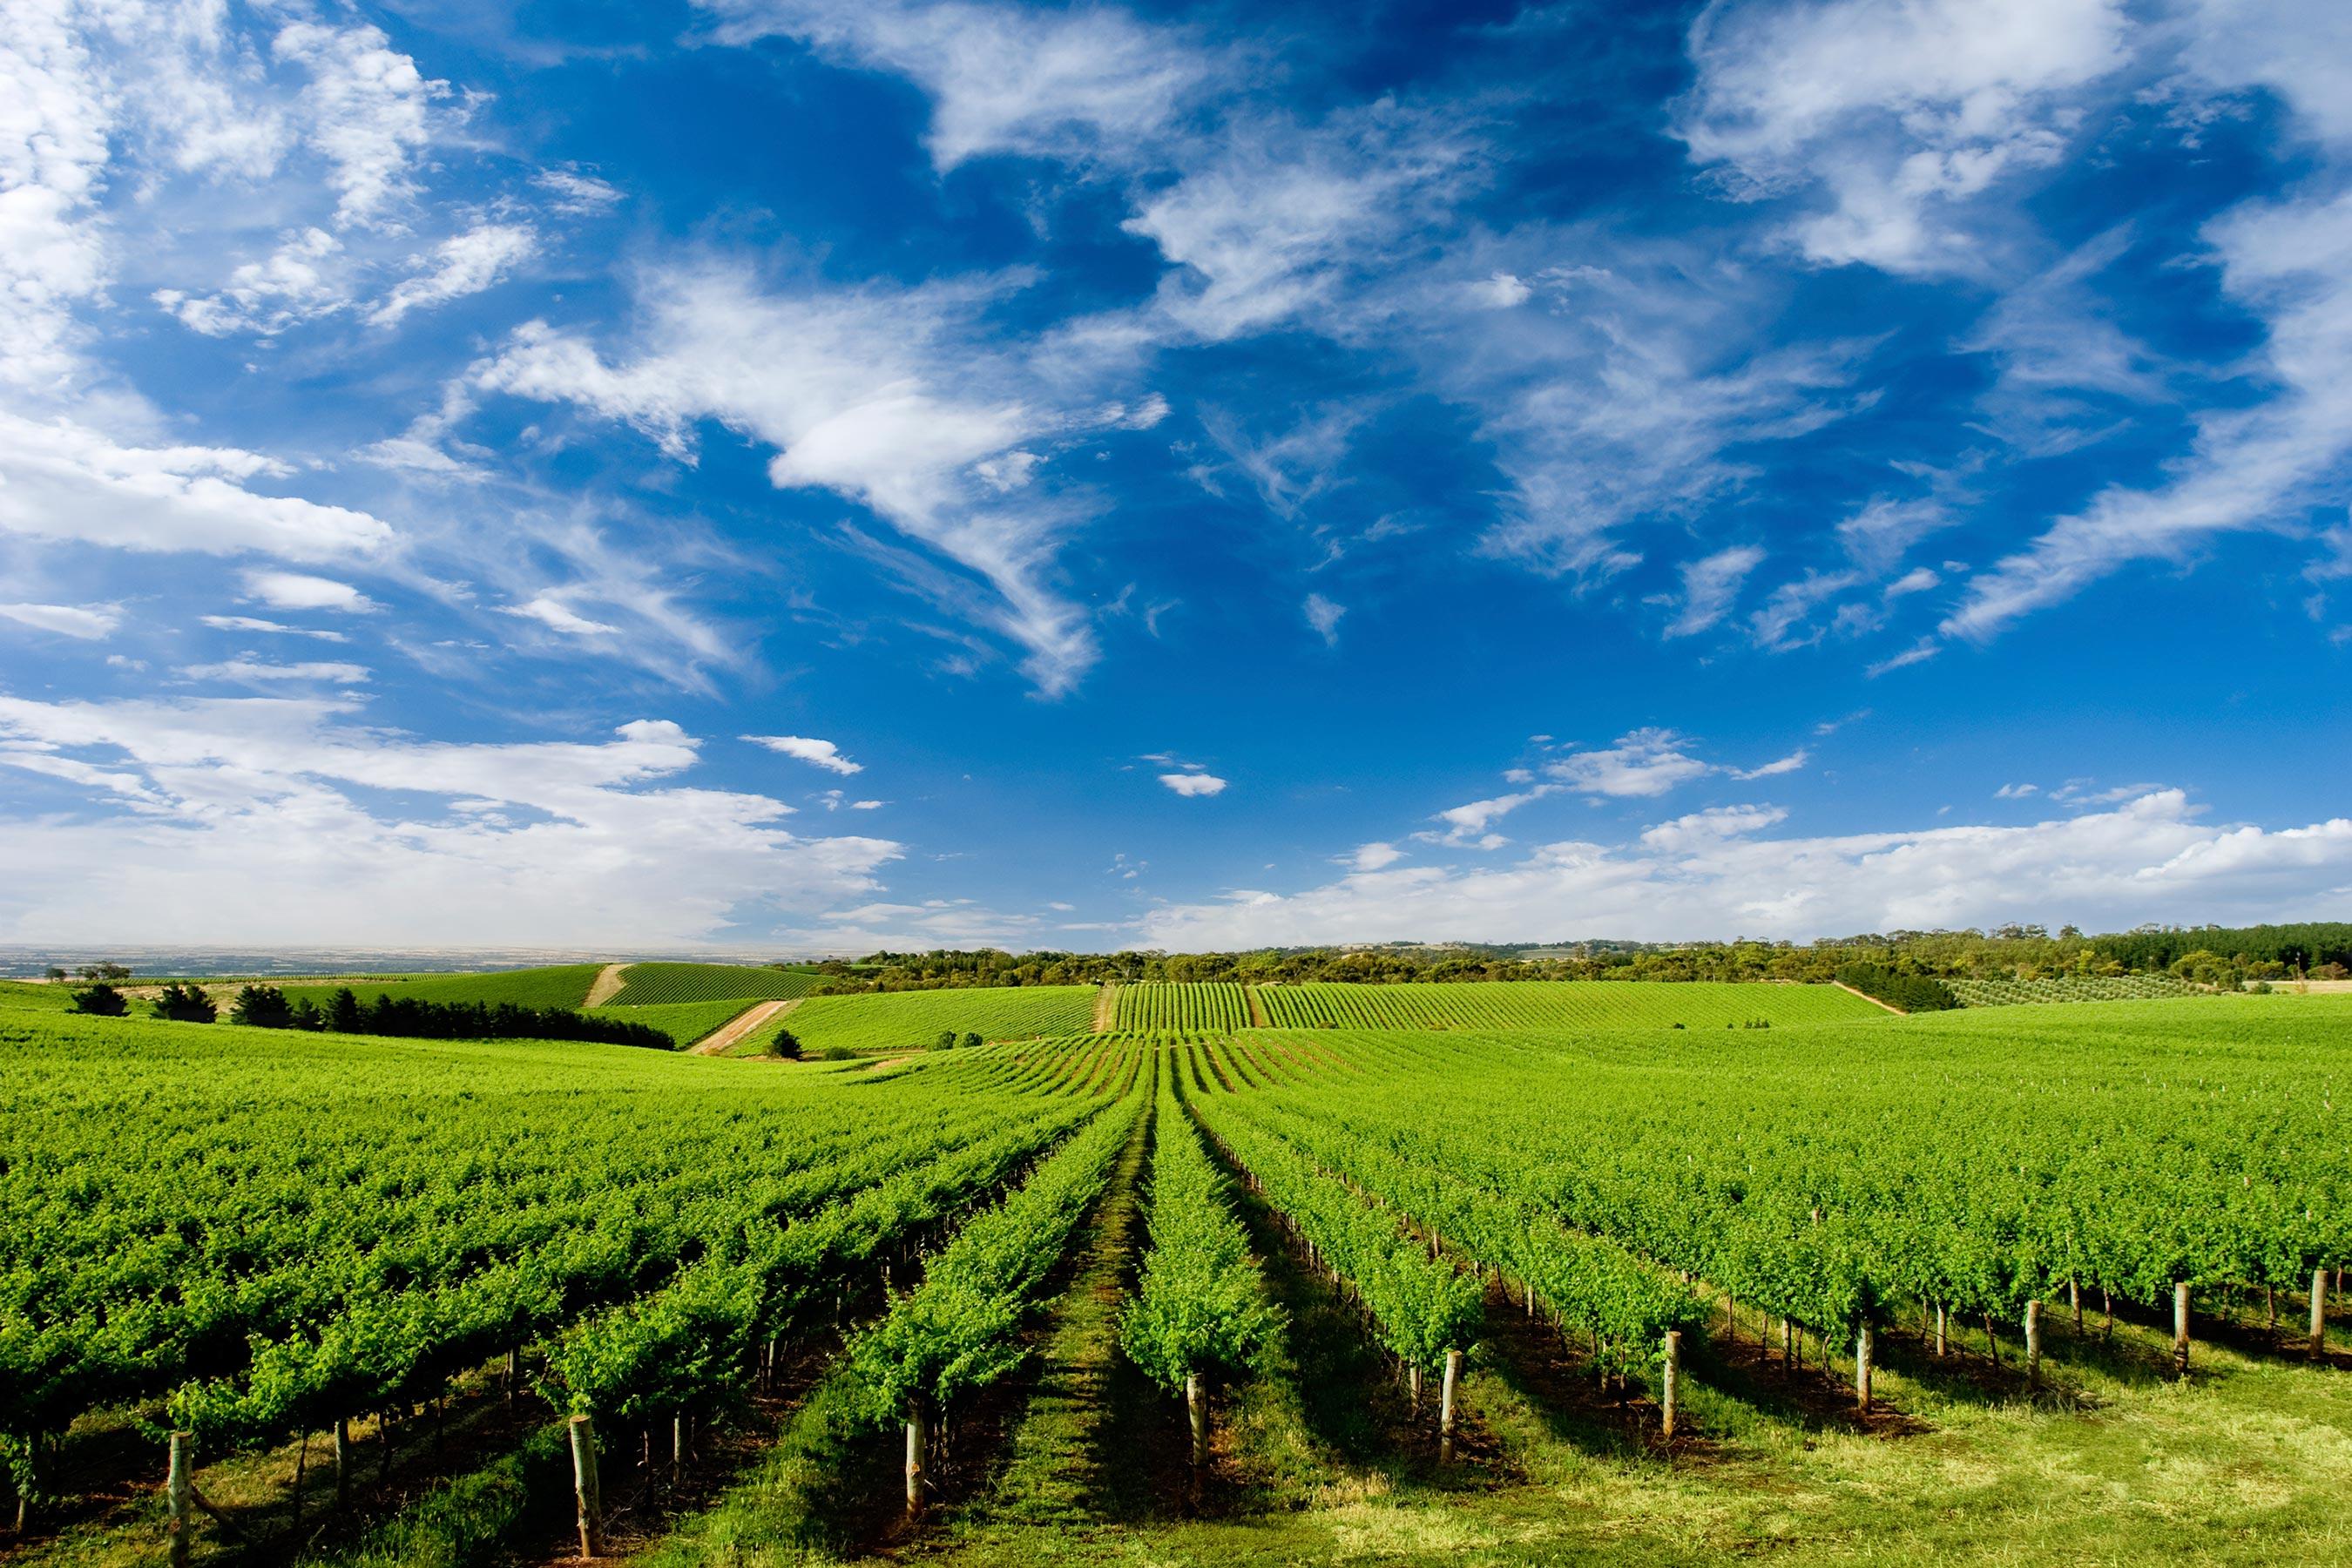 CCAGR,加拿大农场,加拿大移民,投资加拿大, 加拿大葡萄庄园